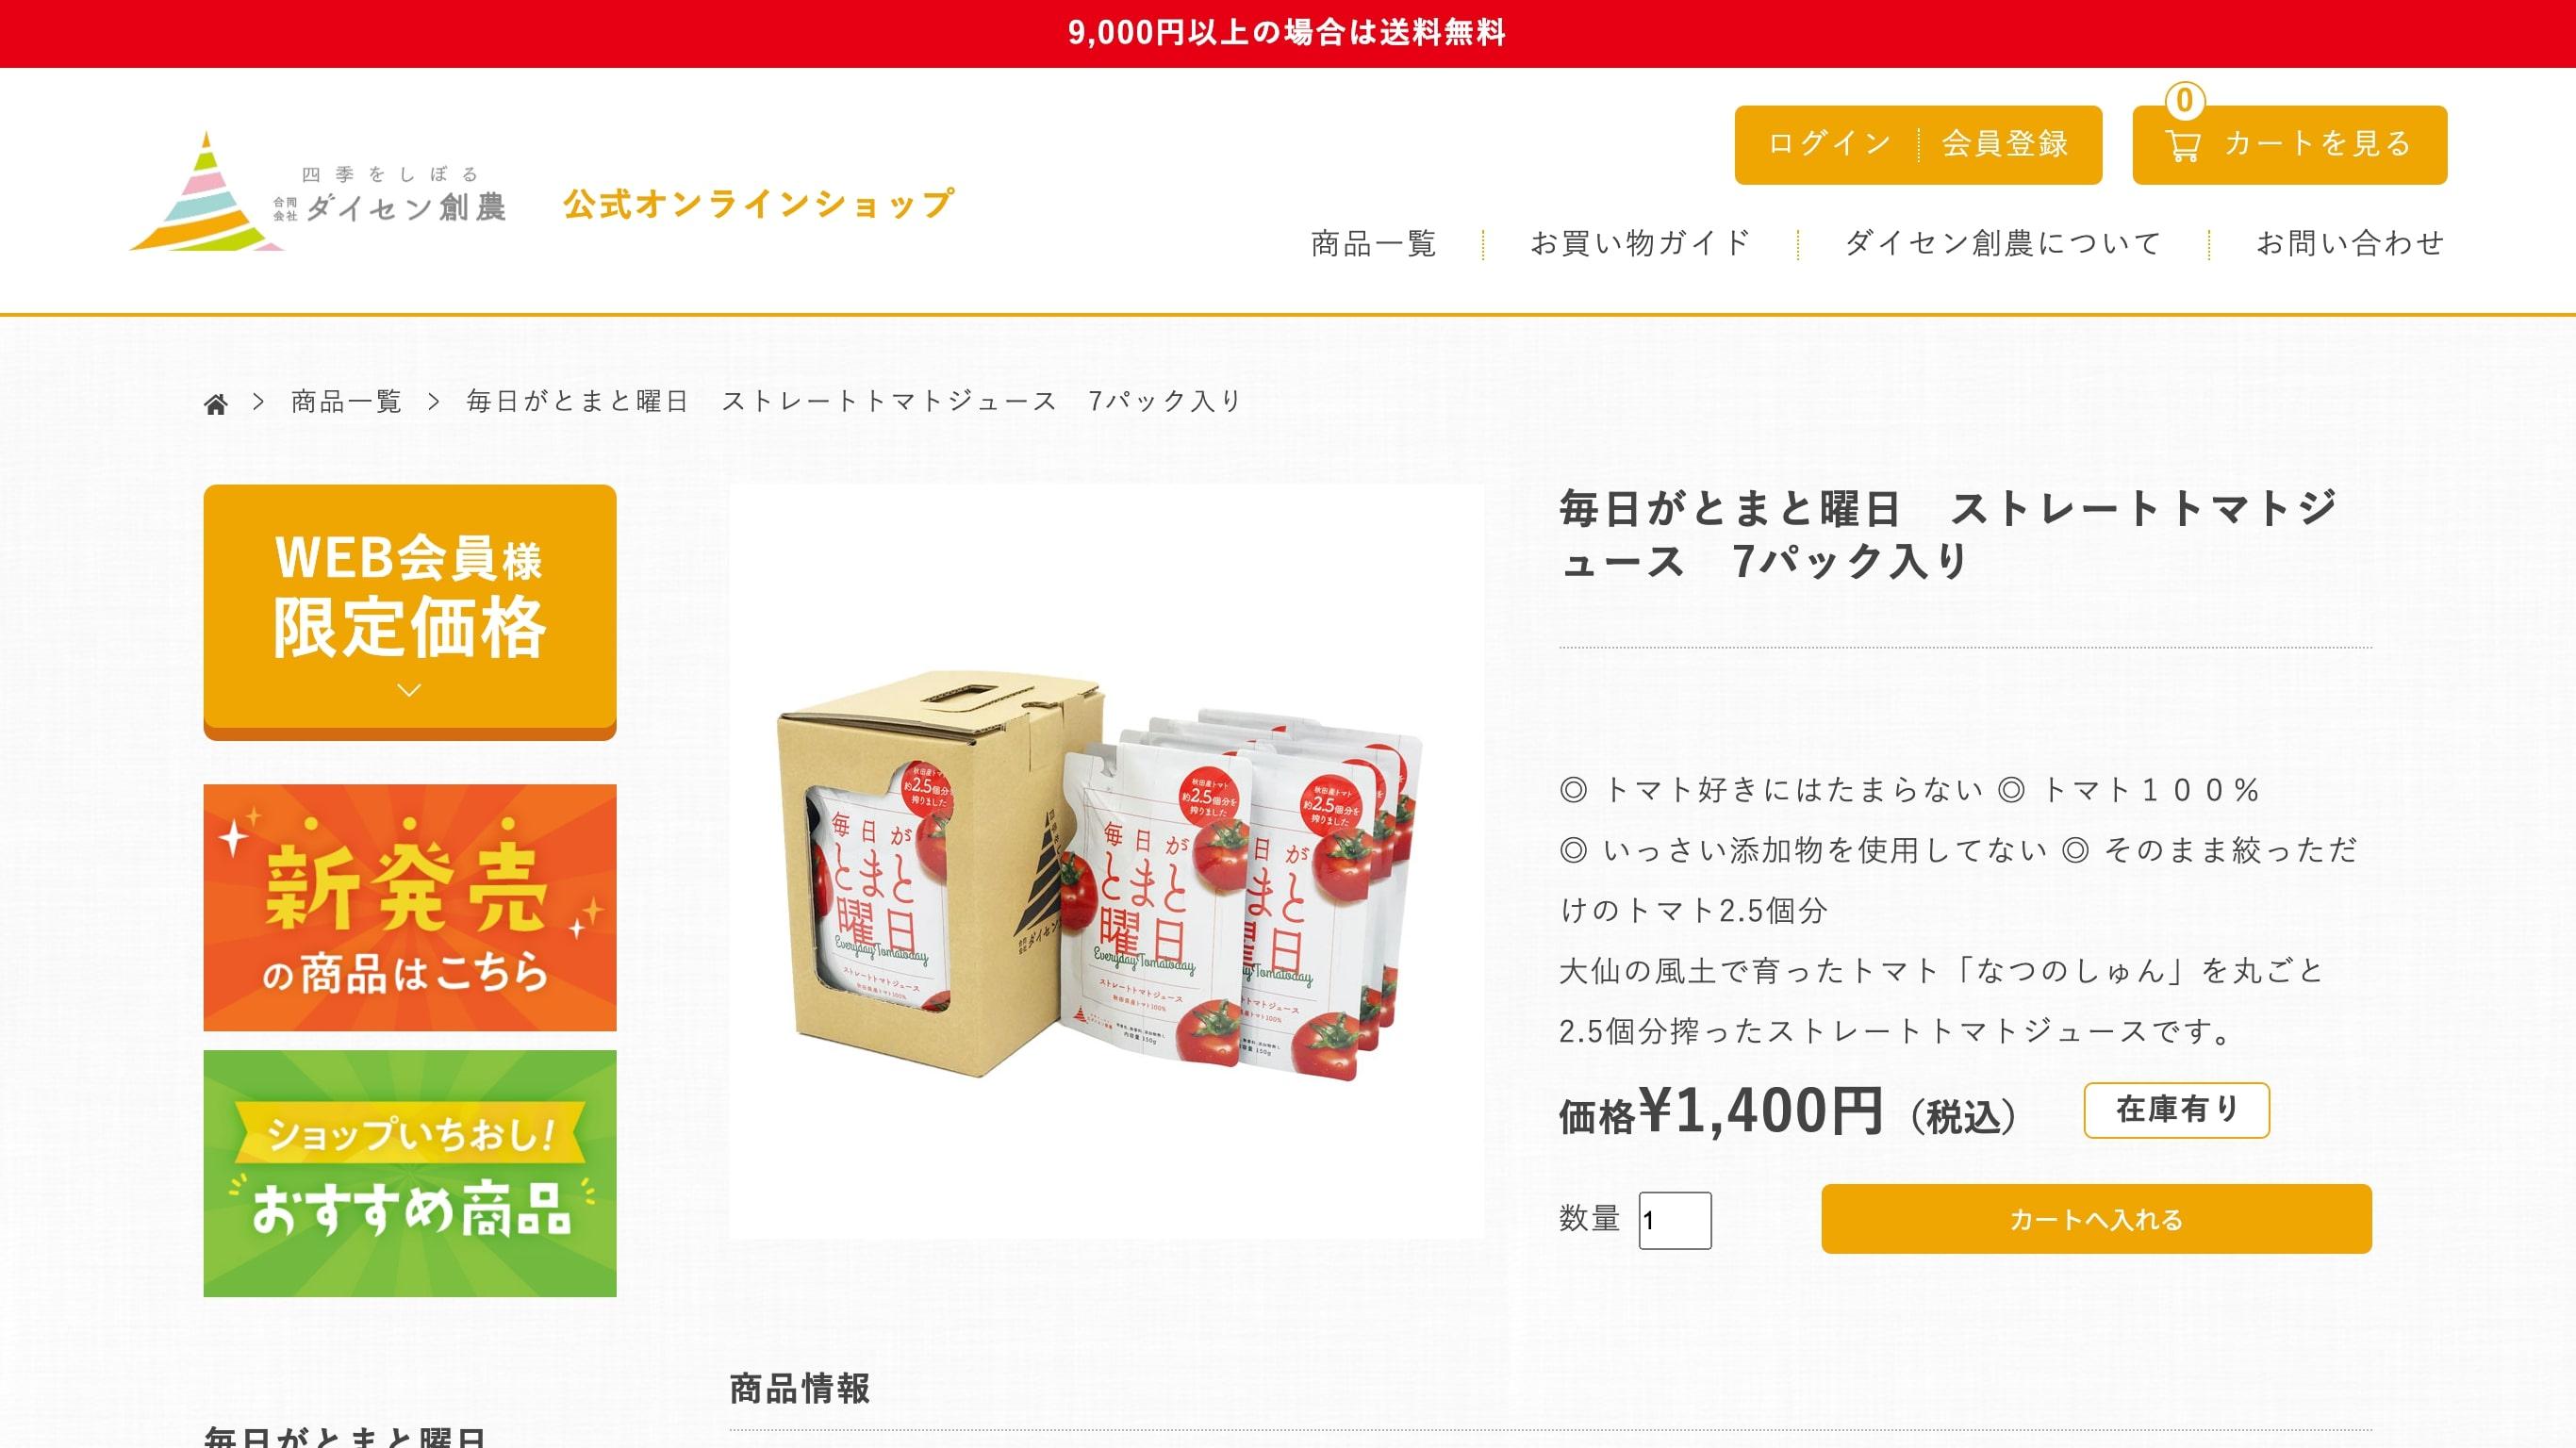 ダイセン創農公式オンラインショップPCのイメージ